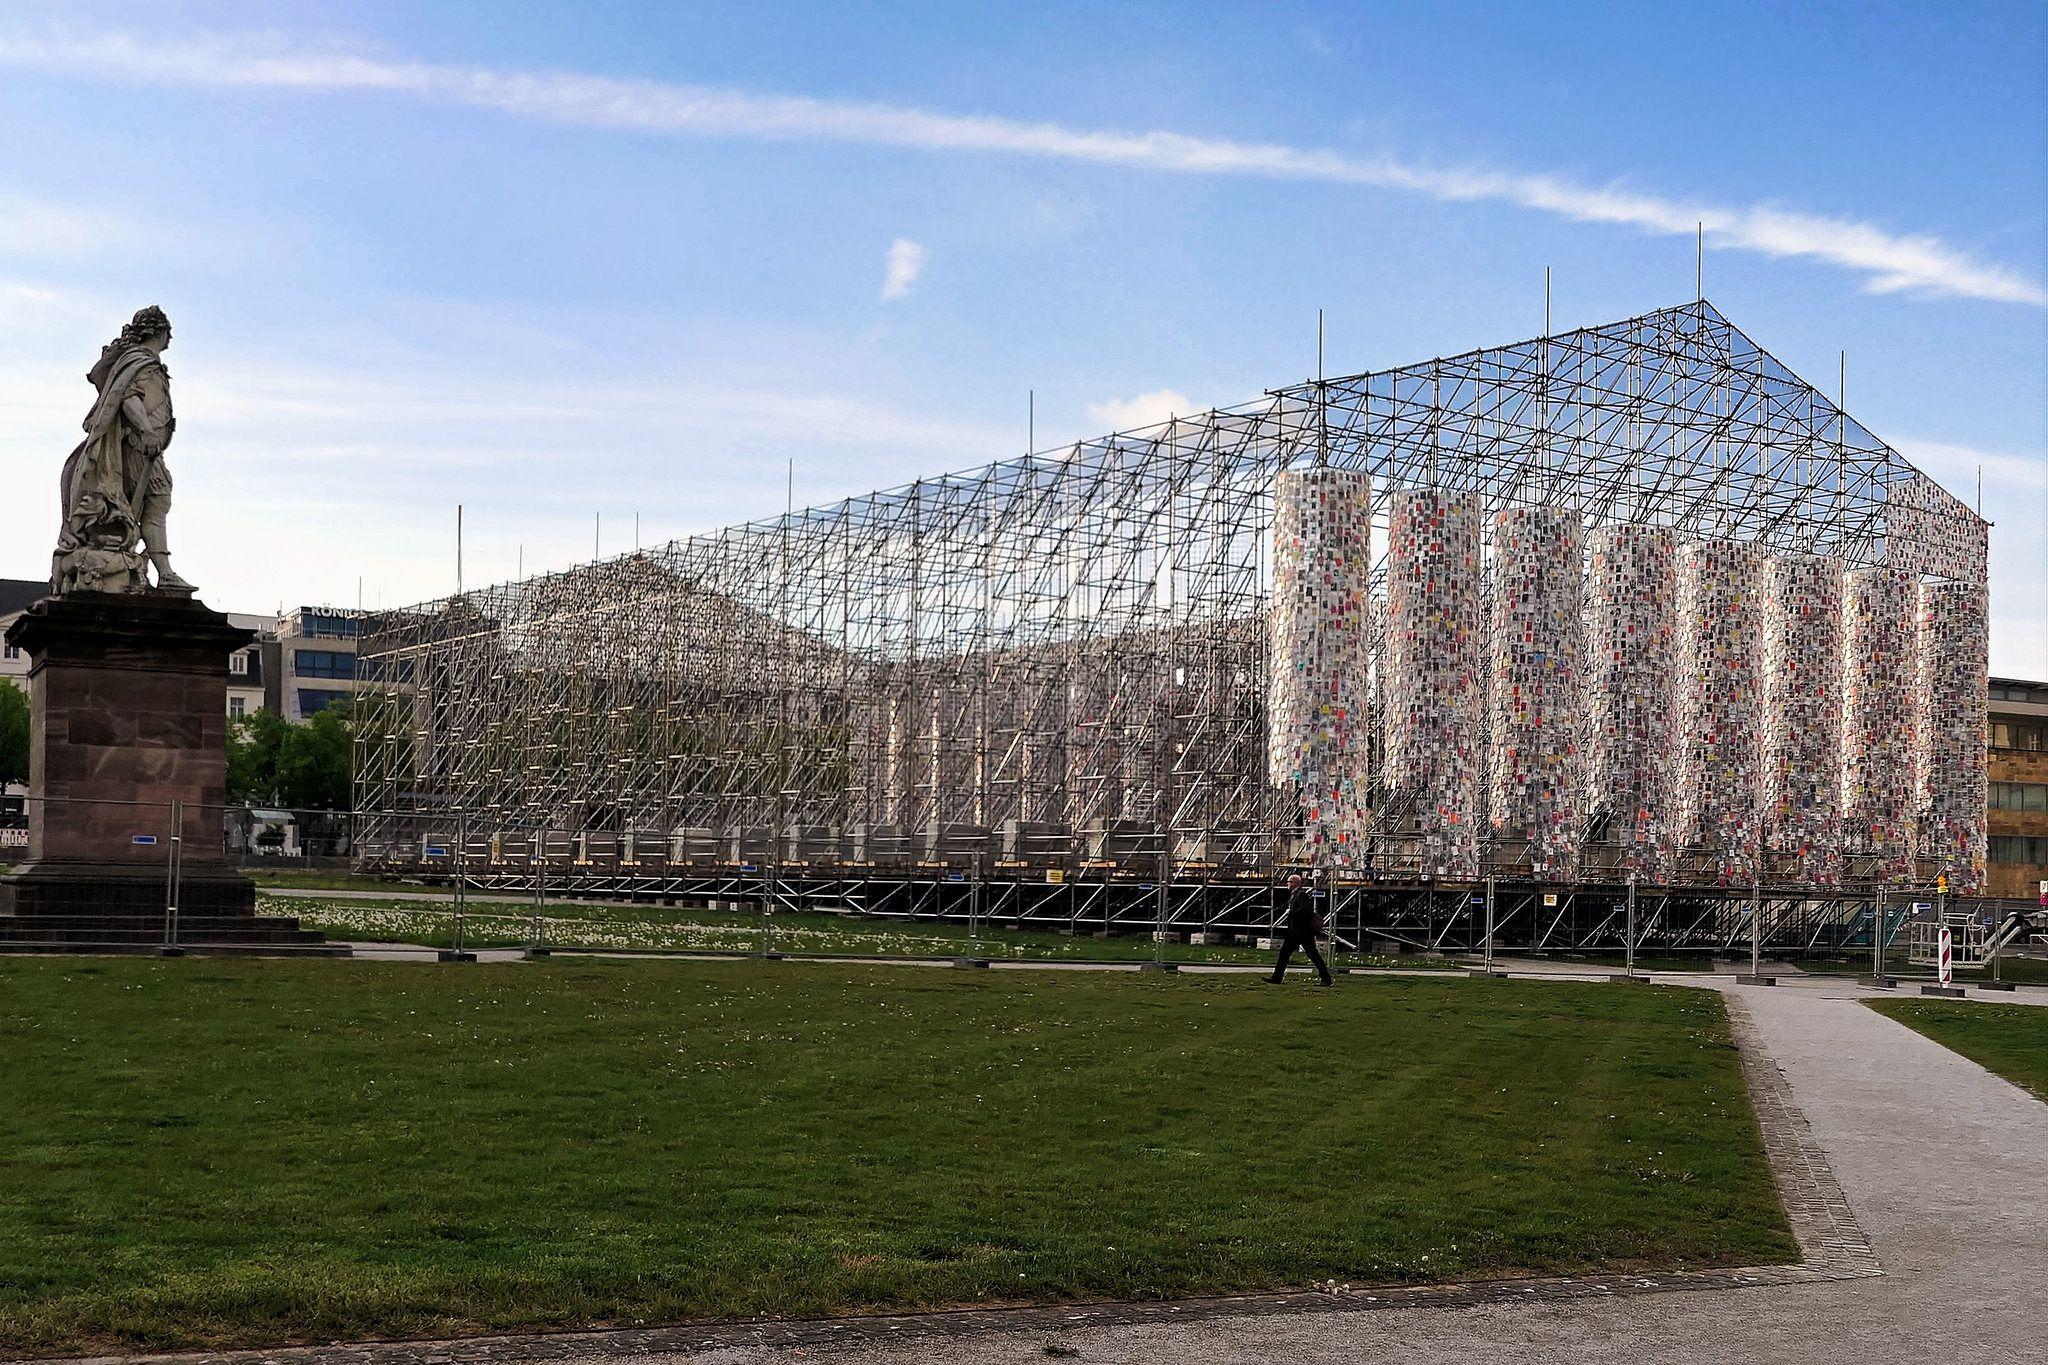 Parthenon der verbotenen b cher documenta 14 photos for Documenta kassel 2017